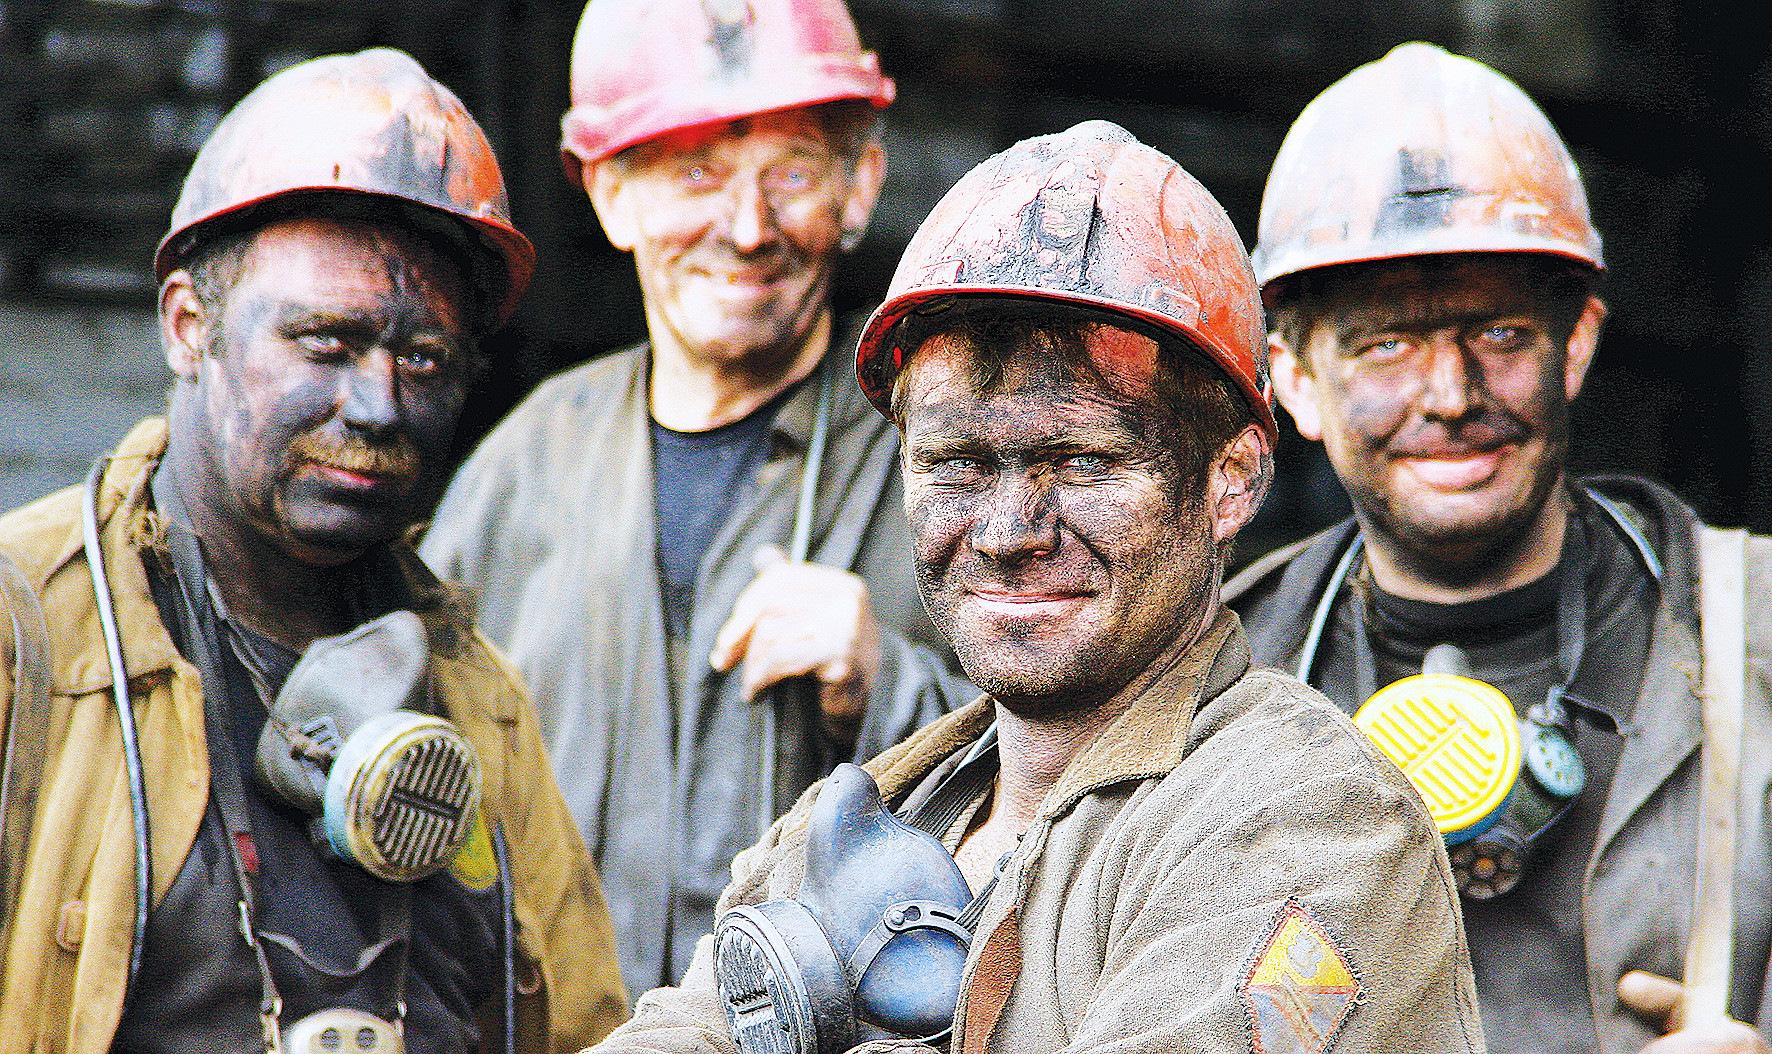 шахтеры фото большого размера эстетической привлекательности, они